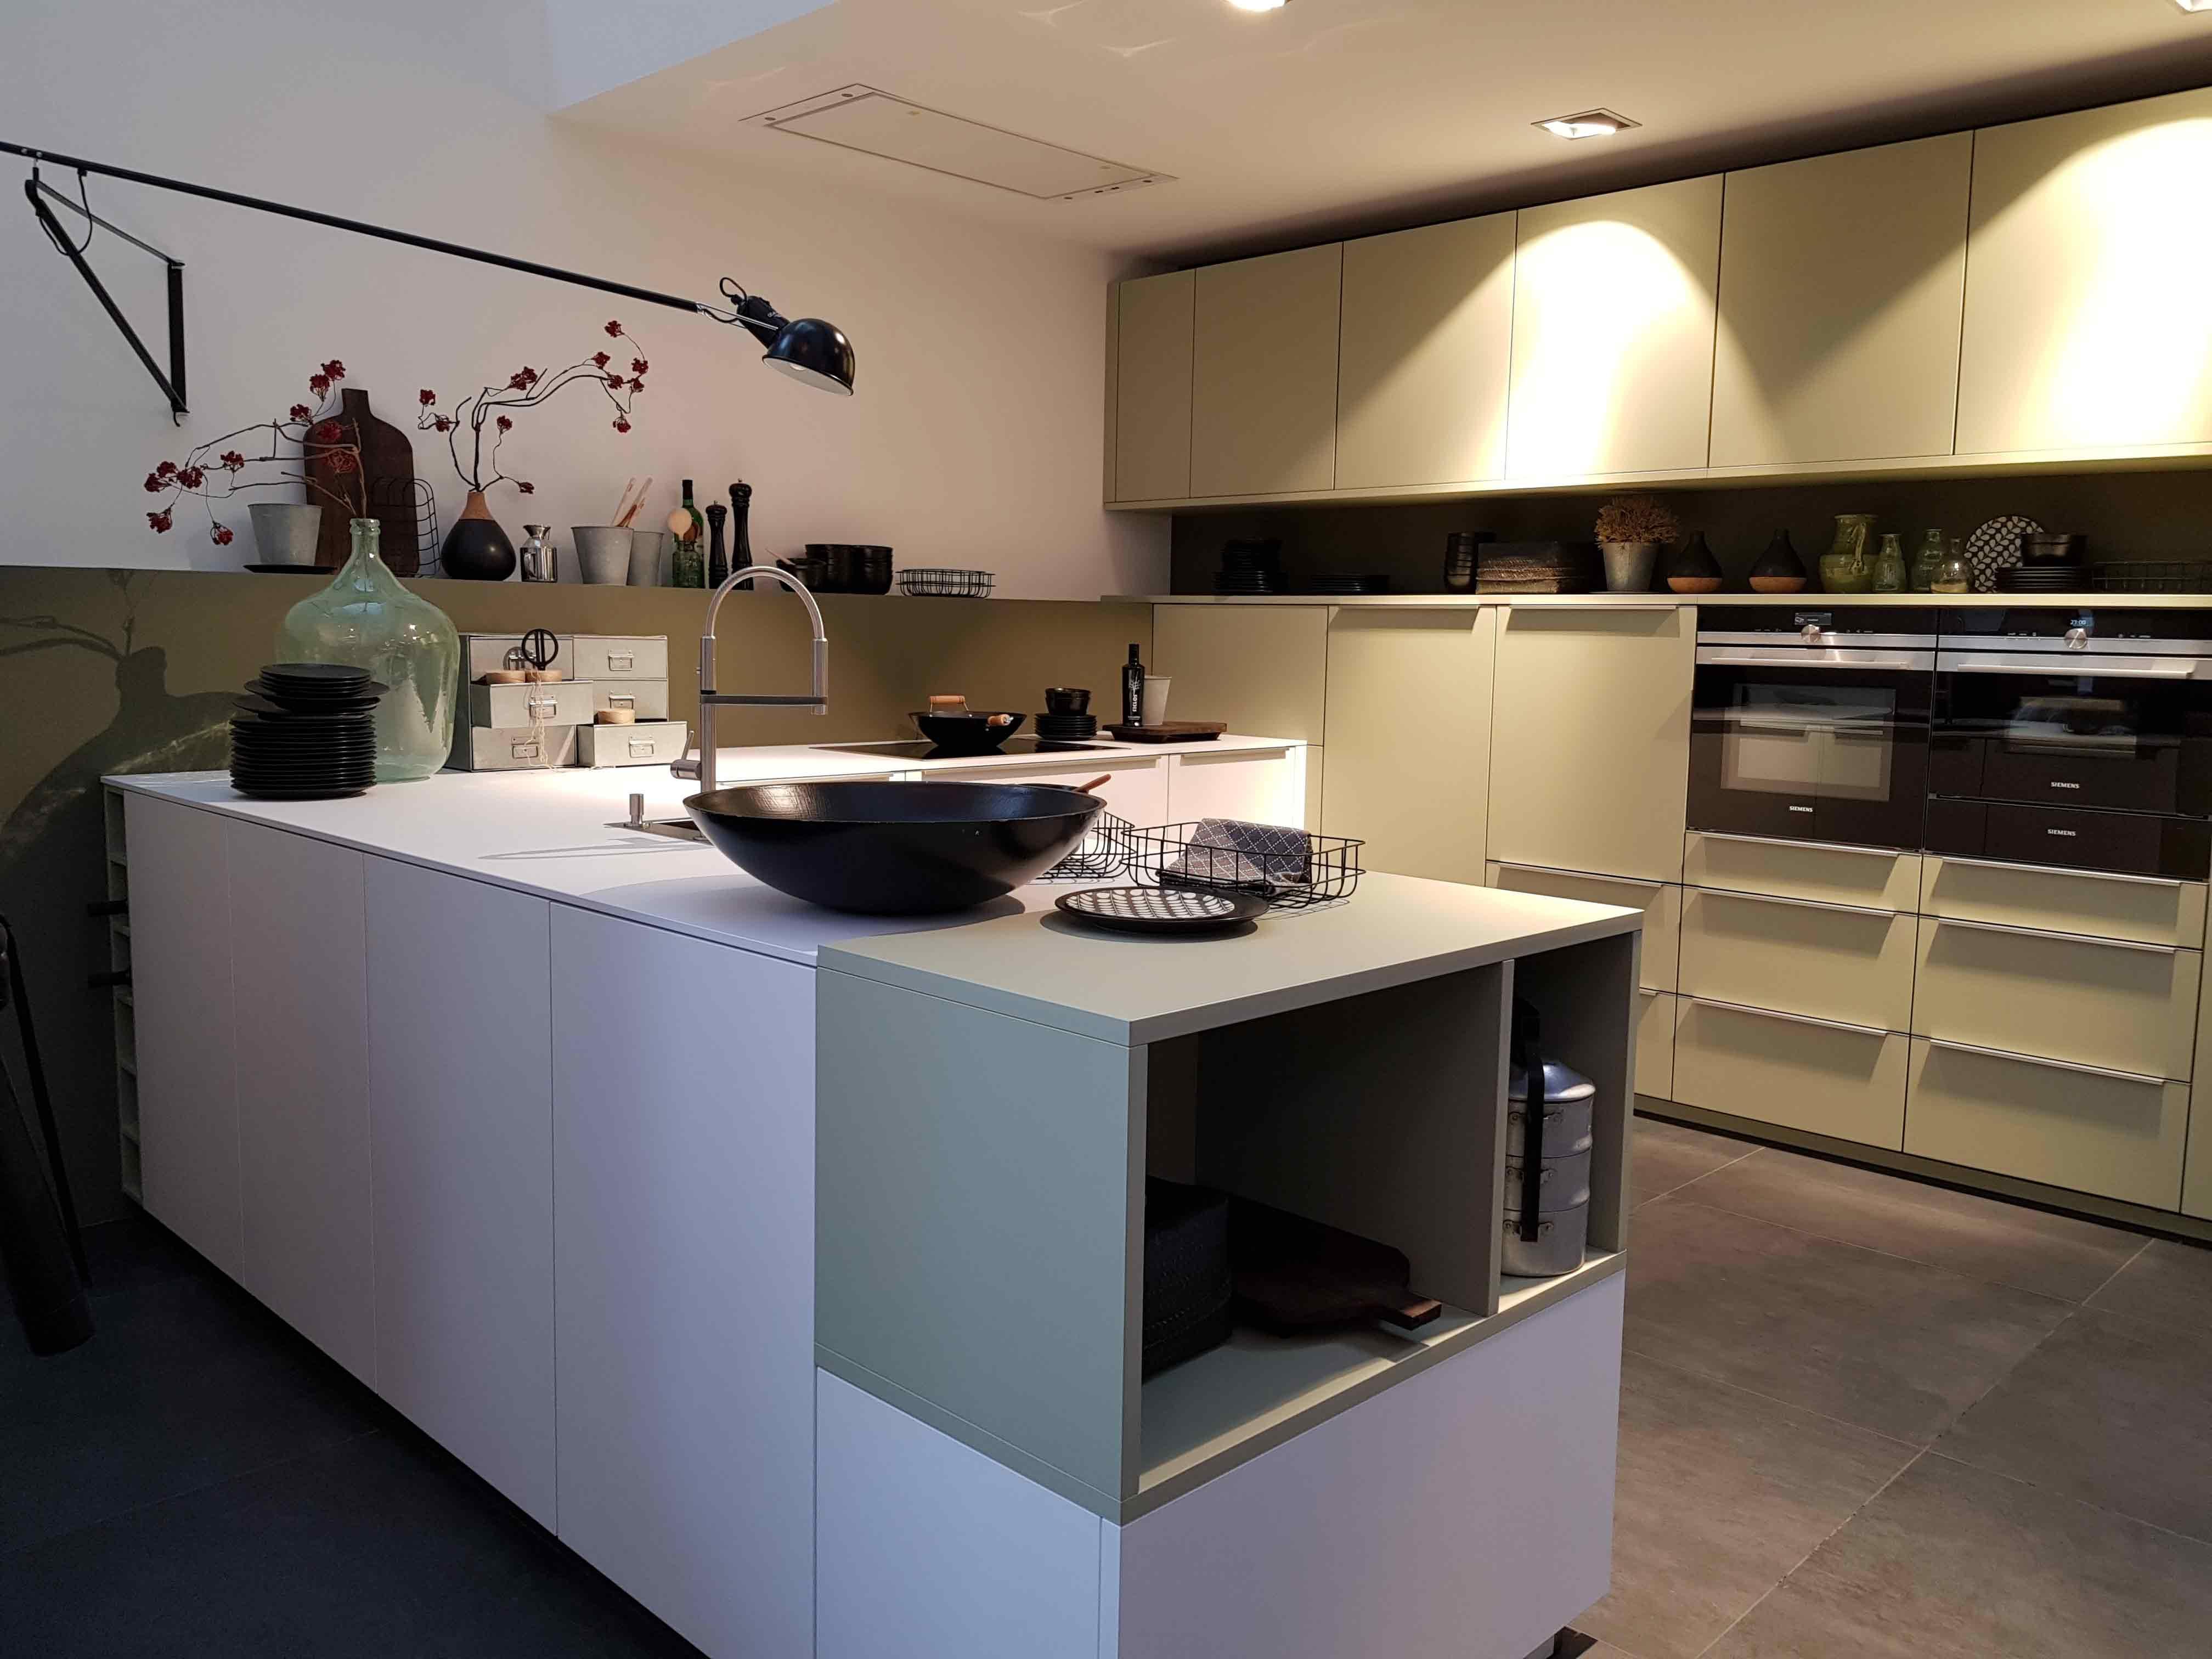 Erfreut Küchentrends 2015 Südafrika Fotos - Küchen Design Ideen ...